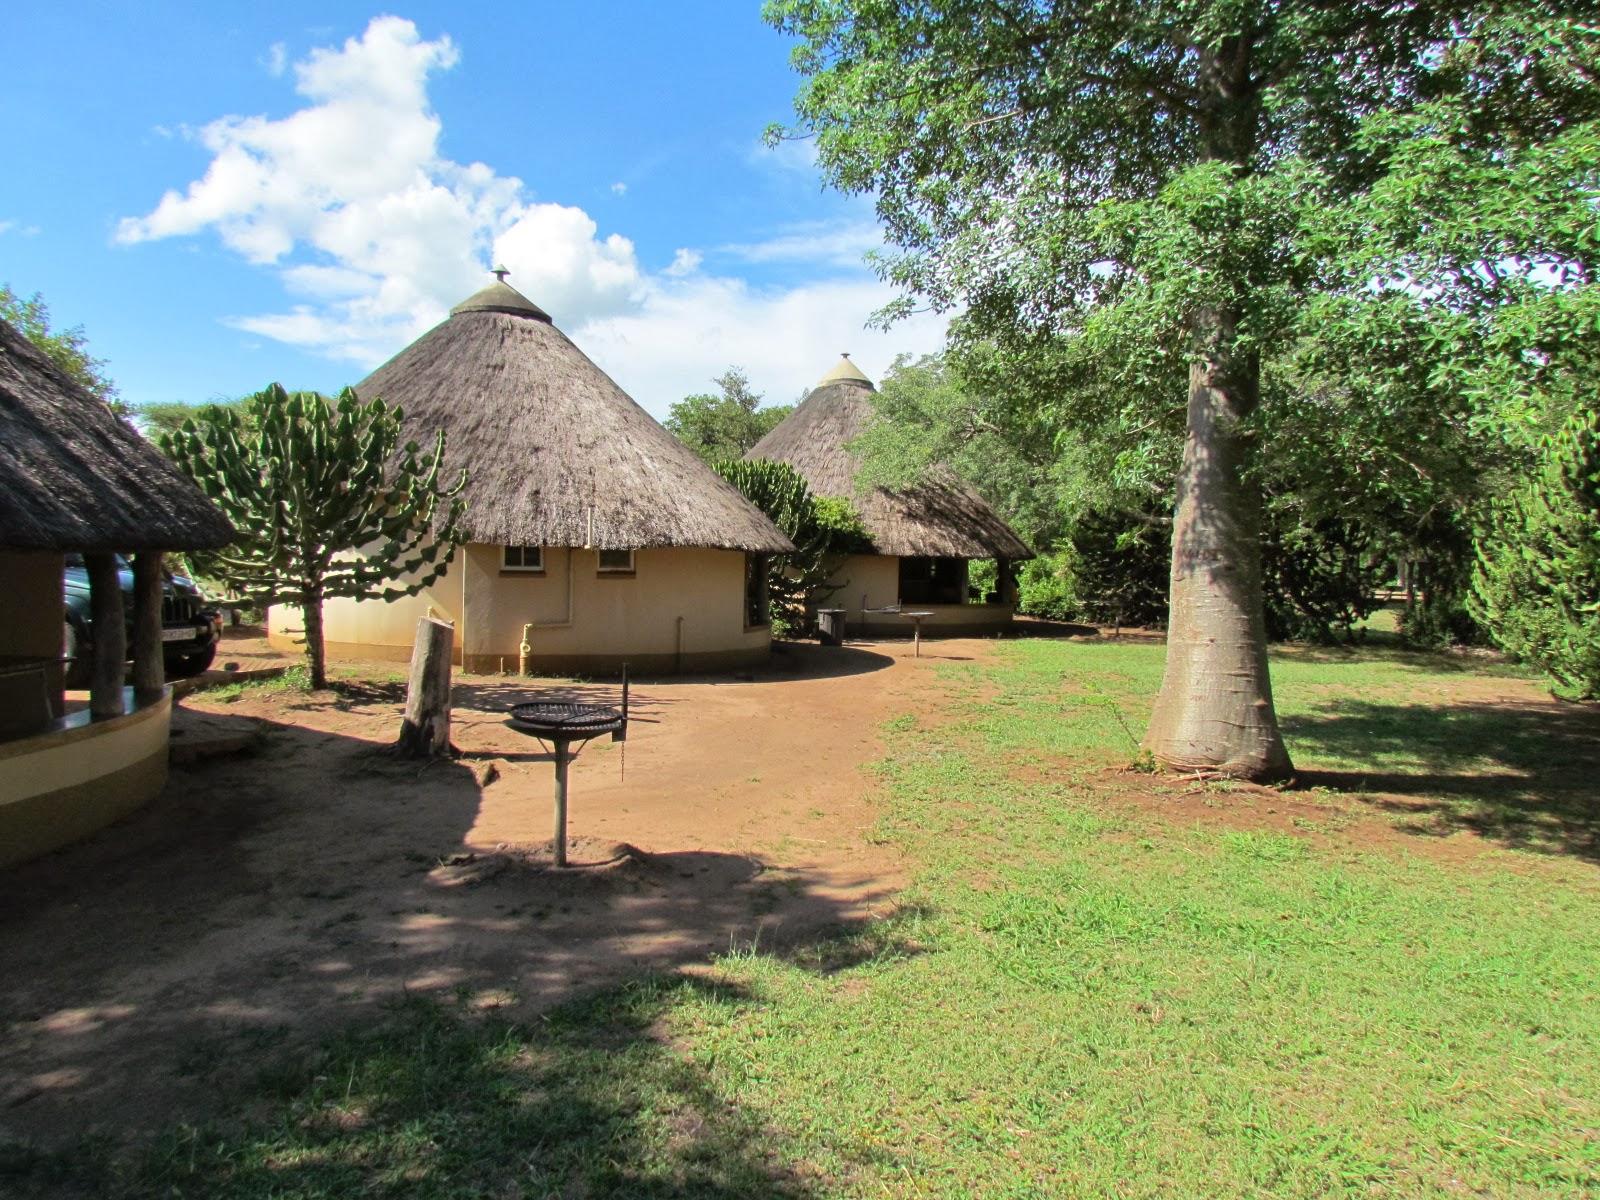 krugerpark, skukuza restcamp in krugerpark, zuid afrika van verrehet is meteen ook de grootste van alle 12 restcamps omdat het de meeste overnachtingsmogelijkheden en faciliteiten biedt, centraal gelegen is aan de oevers